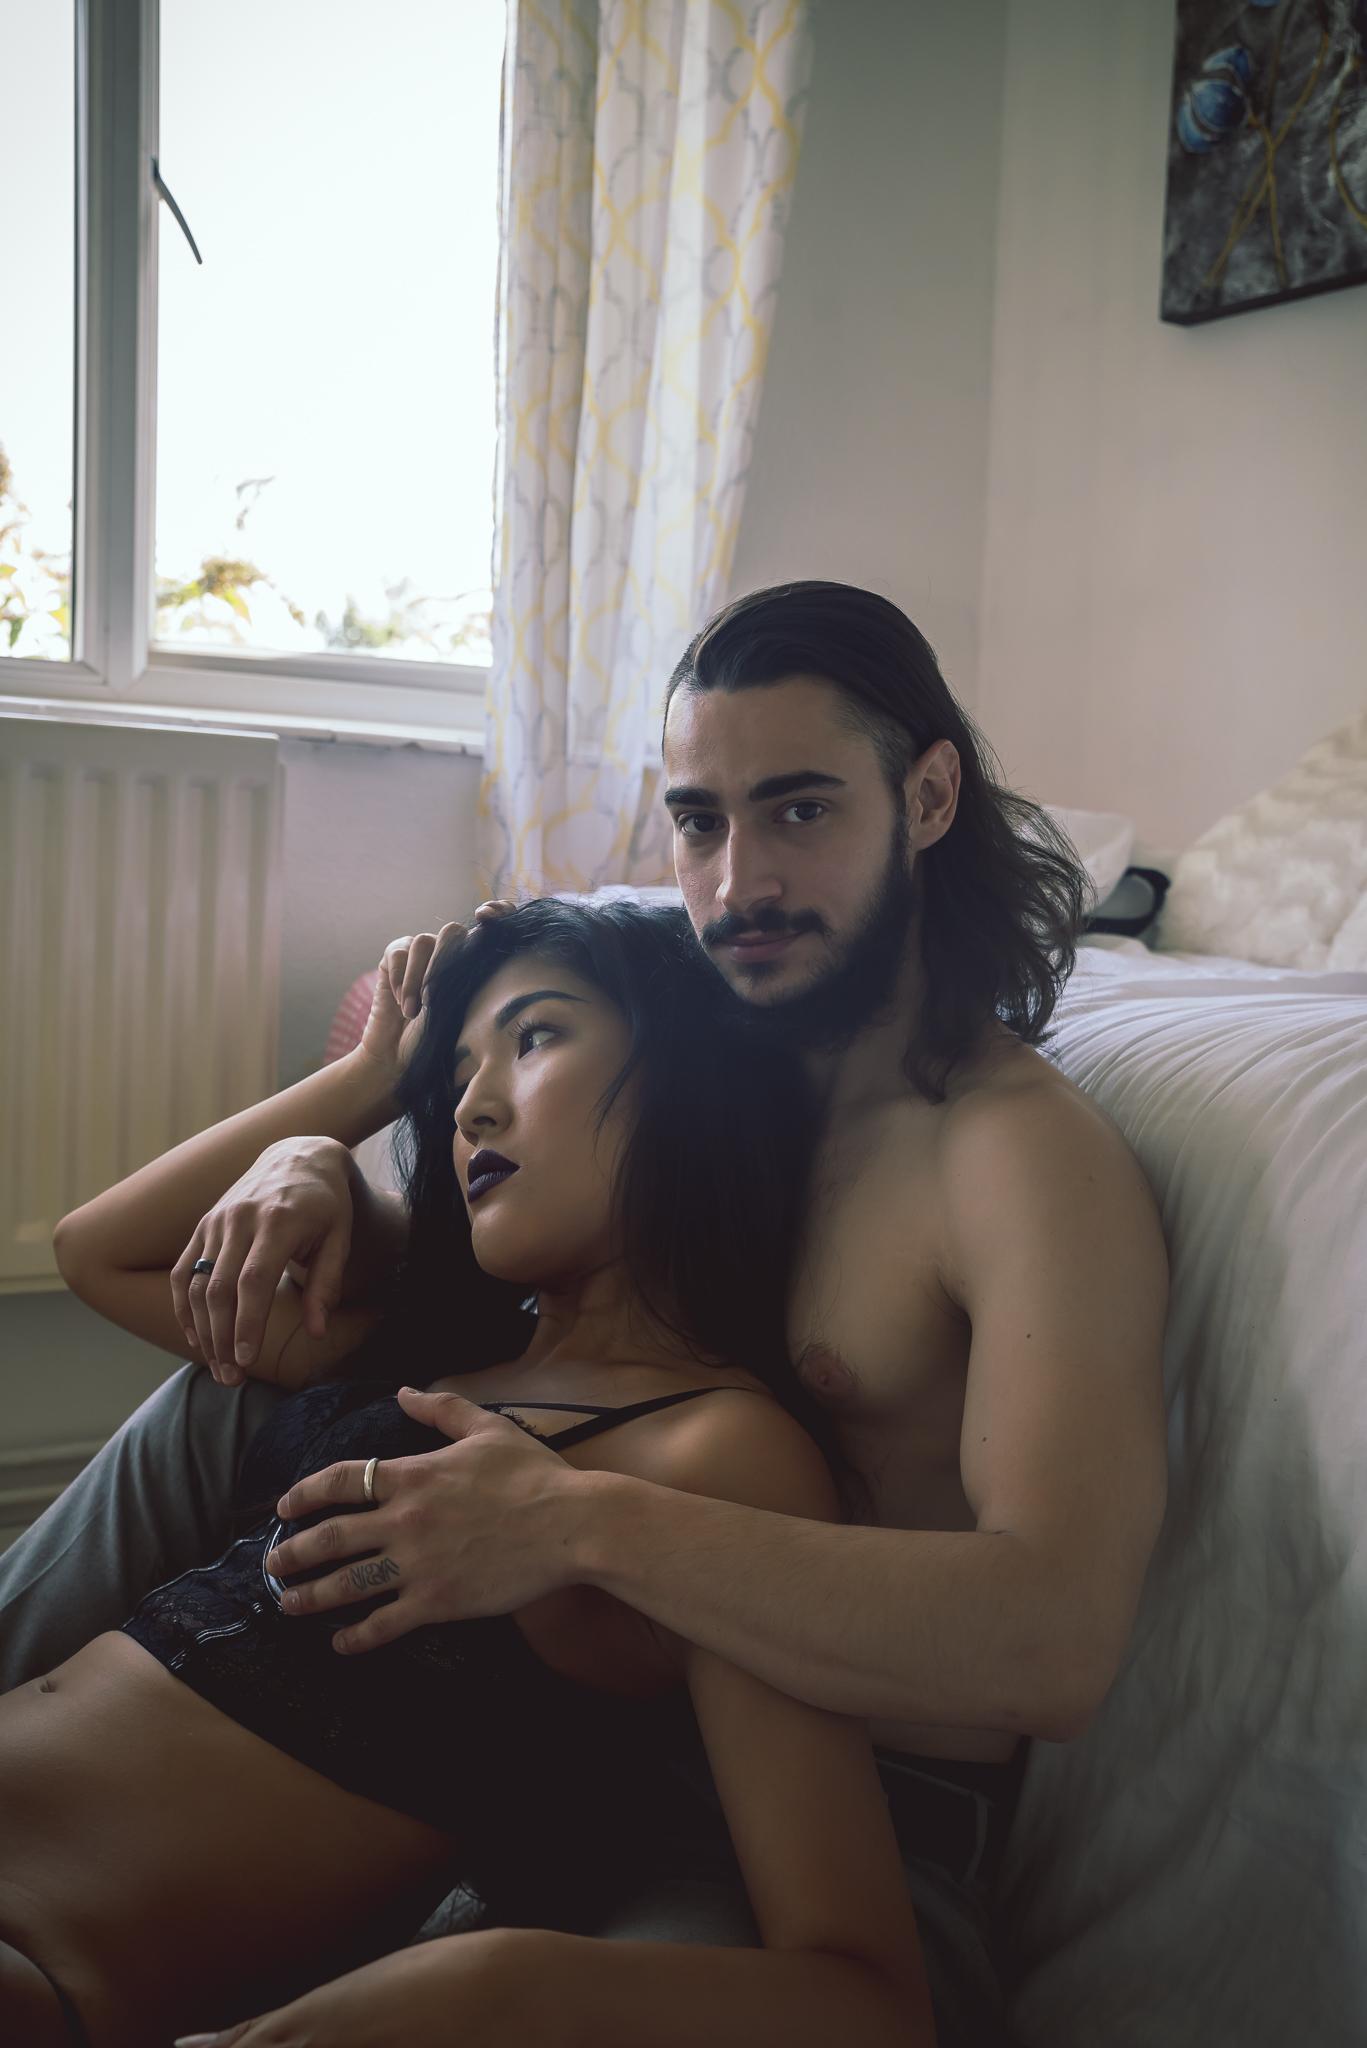 Lonodn boudoir photo shoot-4